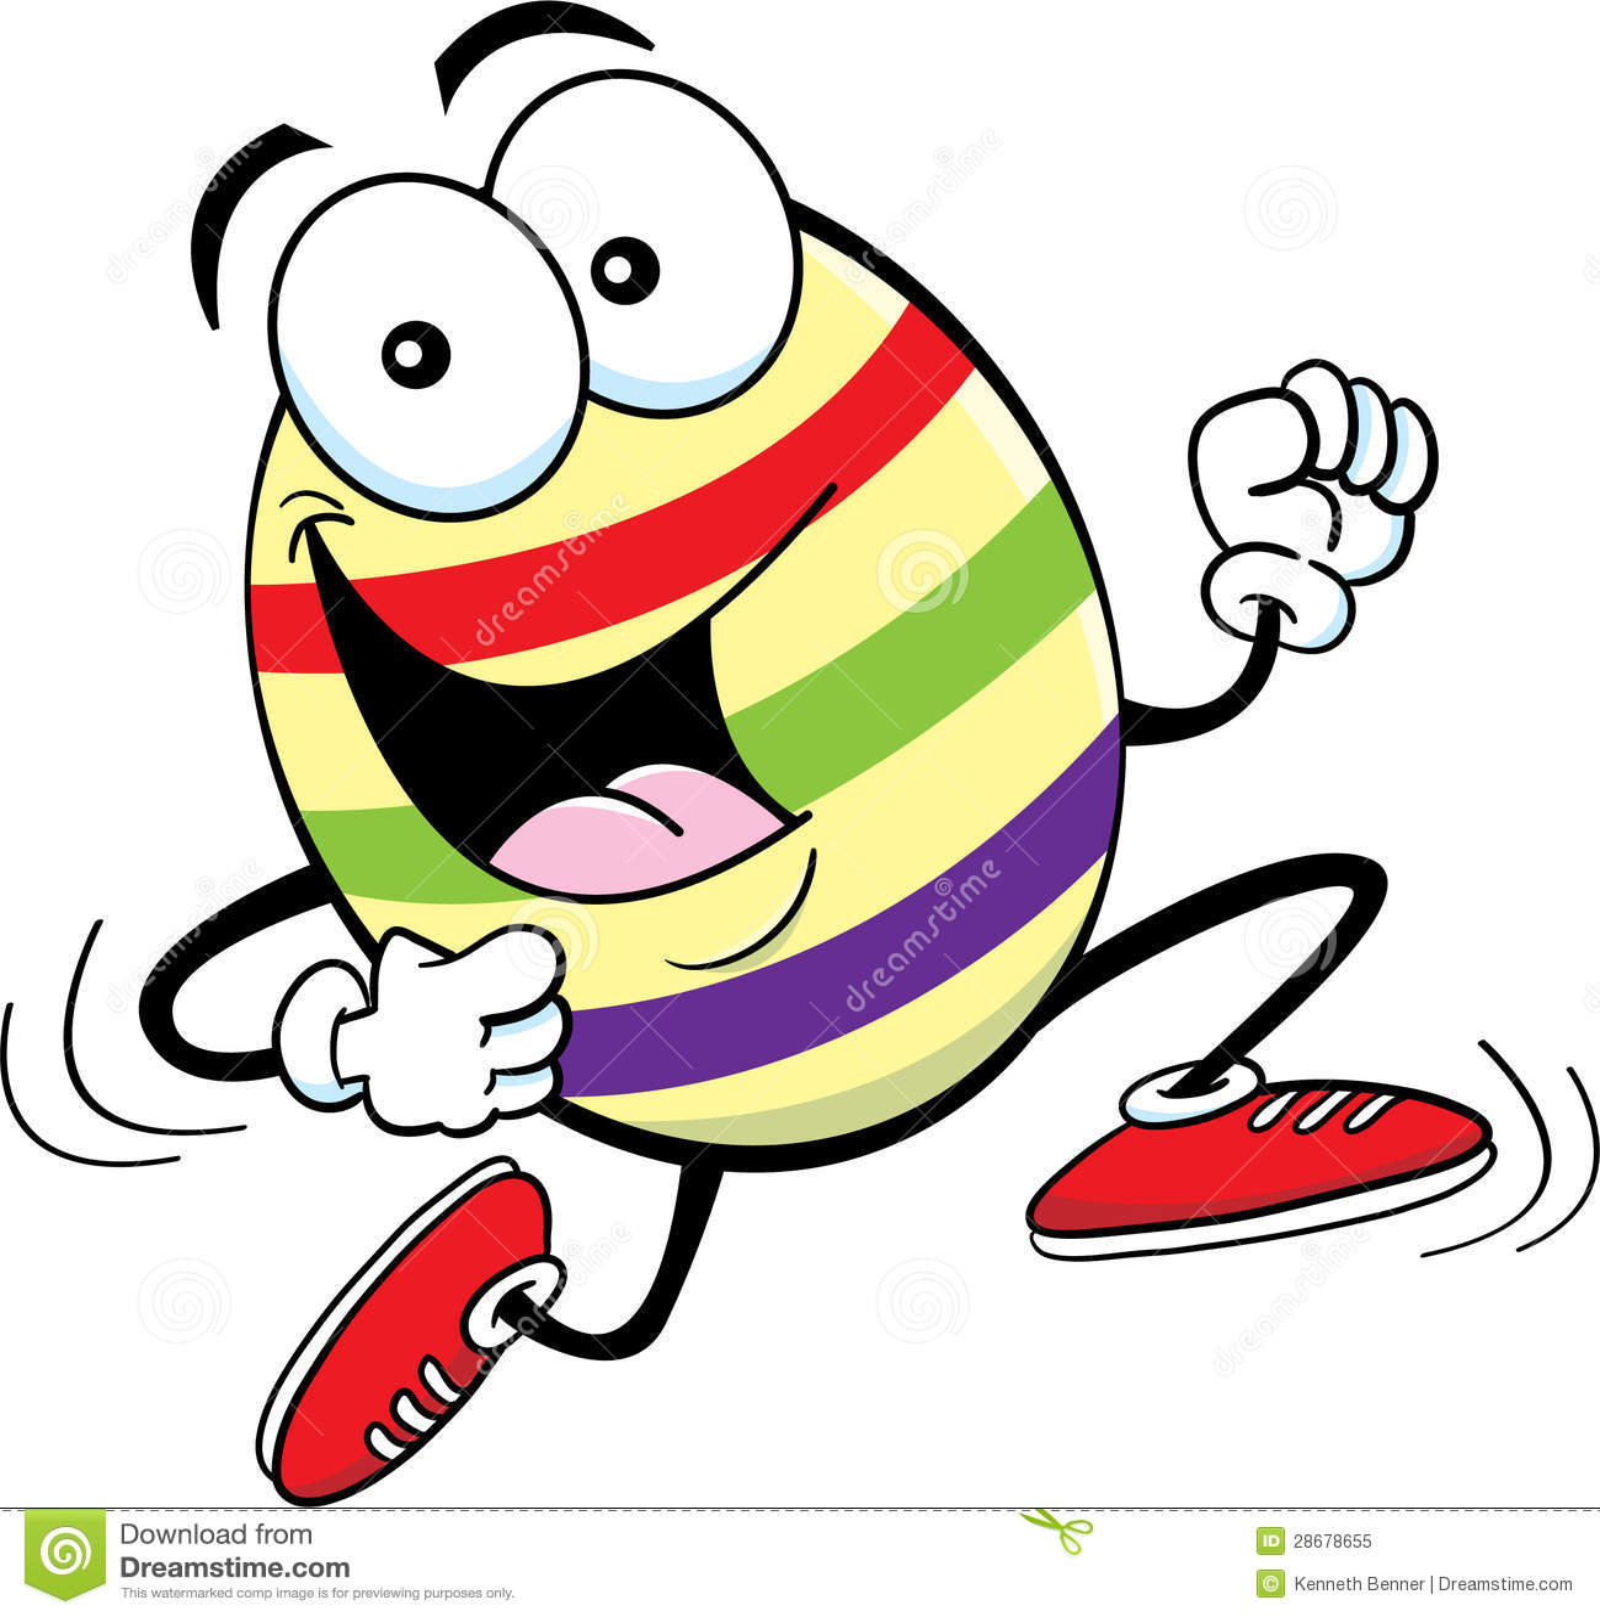 Running Easter Egg Stock Illustrations – 10 Running Easter Egg